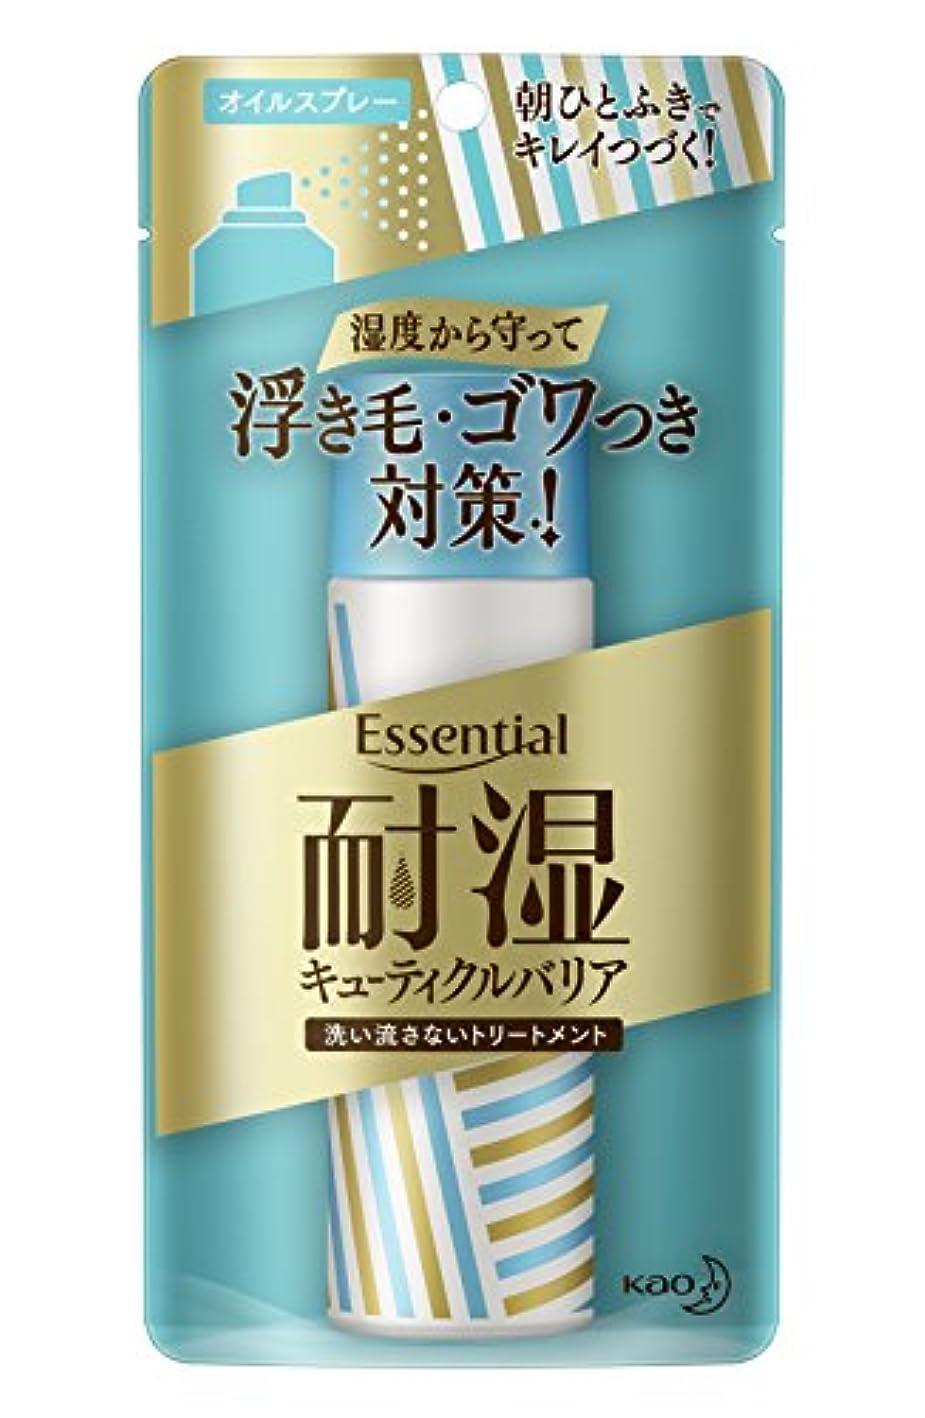 添加フィットネスコウモリエッセンシャル 耐湿バリア オイルスプレー